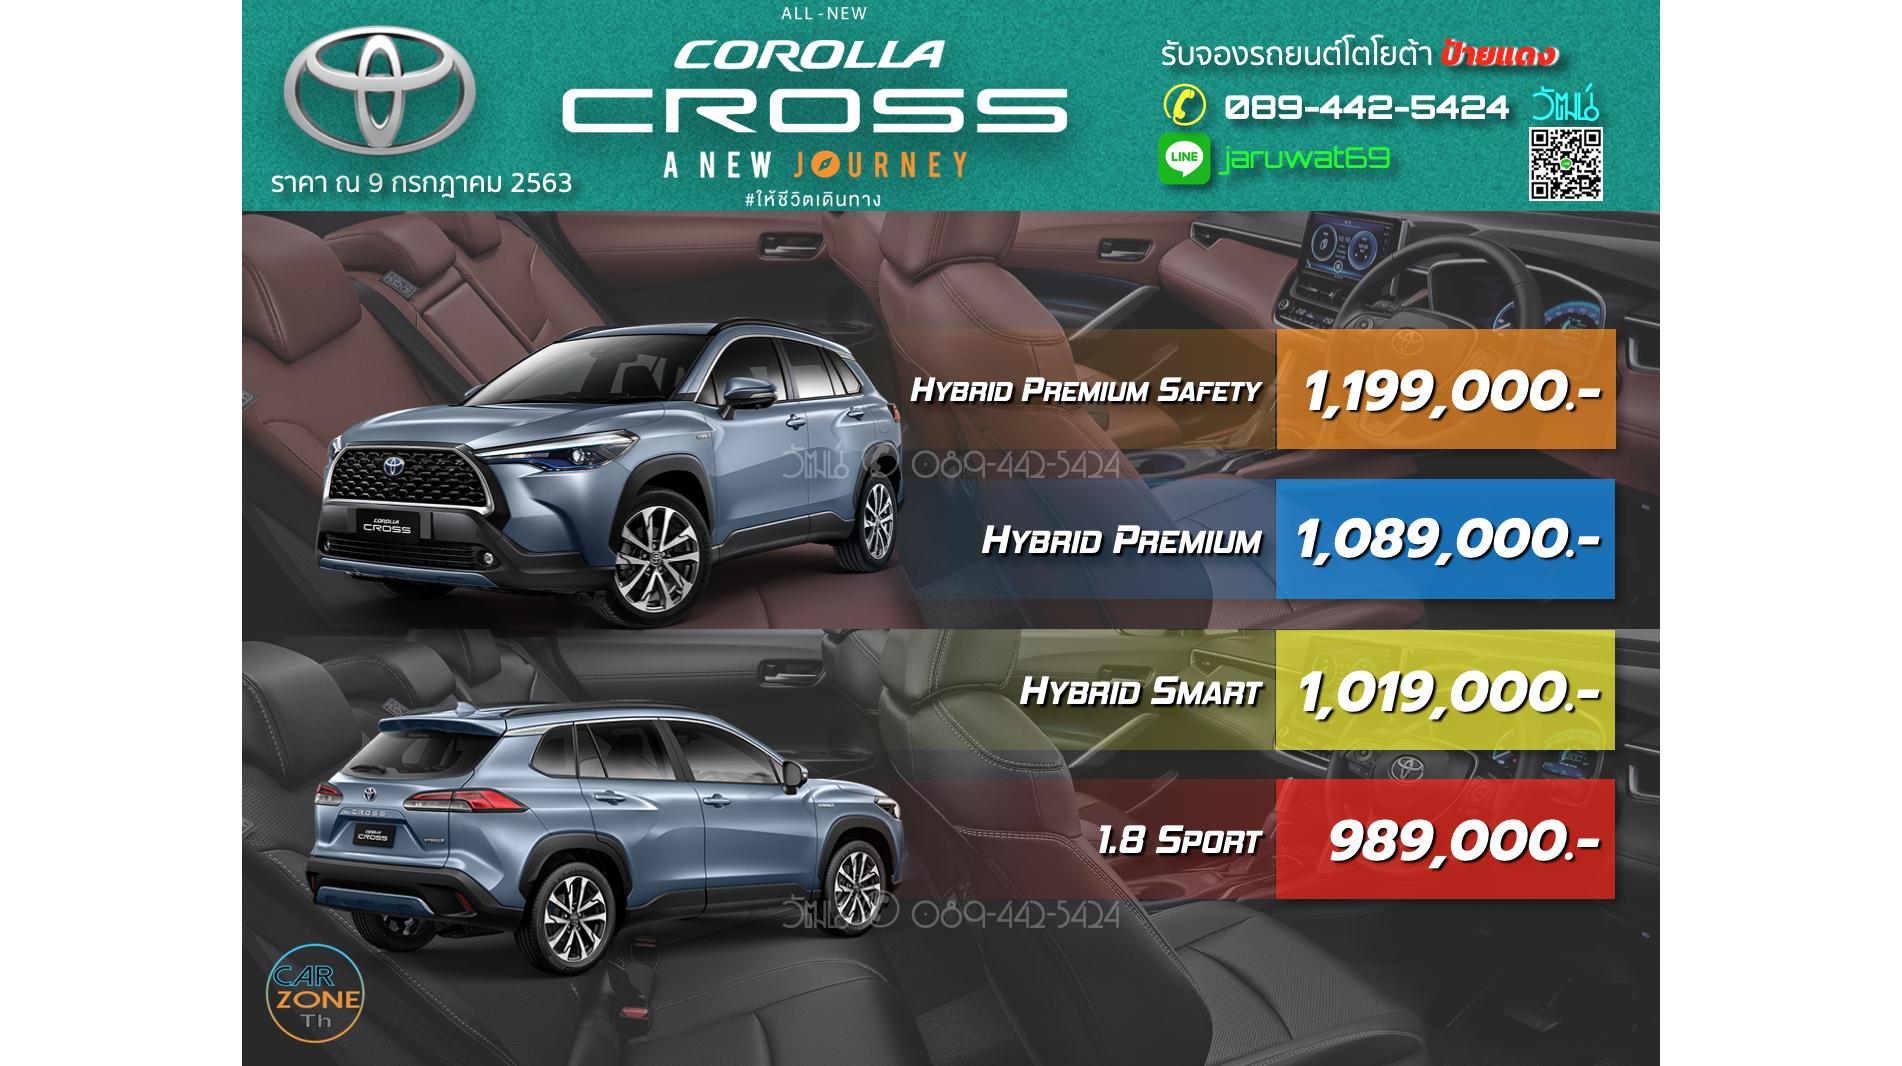 ราคาโตโยต้า All New Corolla Cross 2020 - CarZoneTH